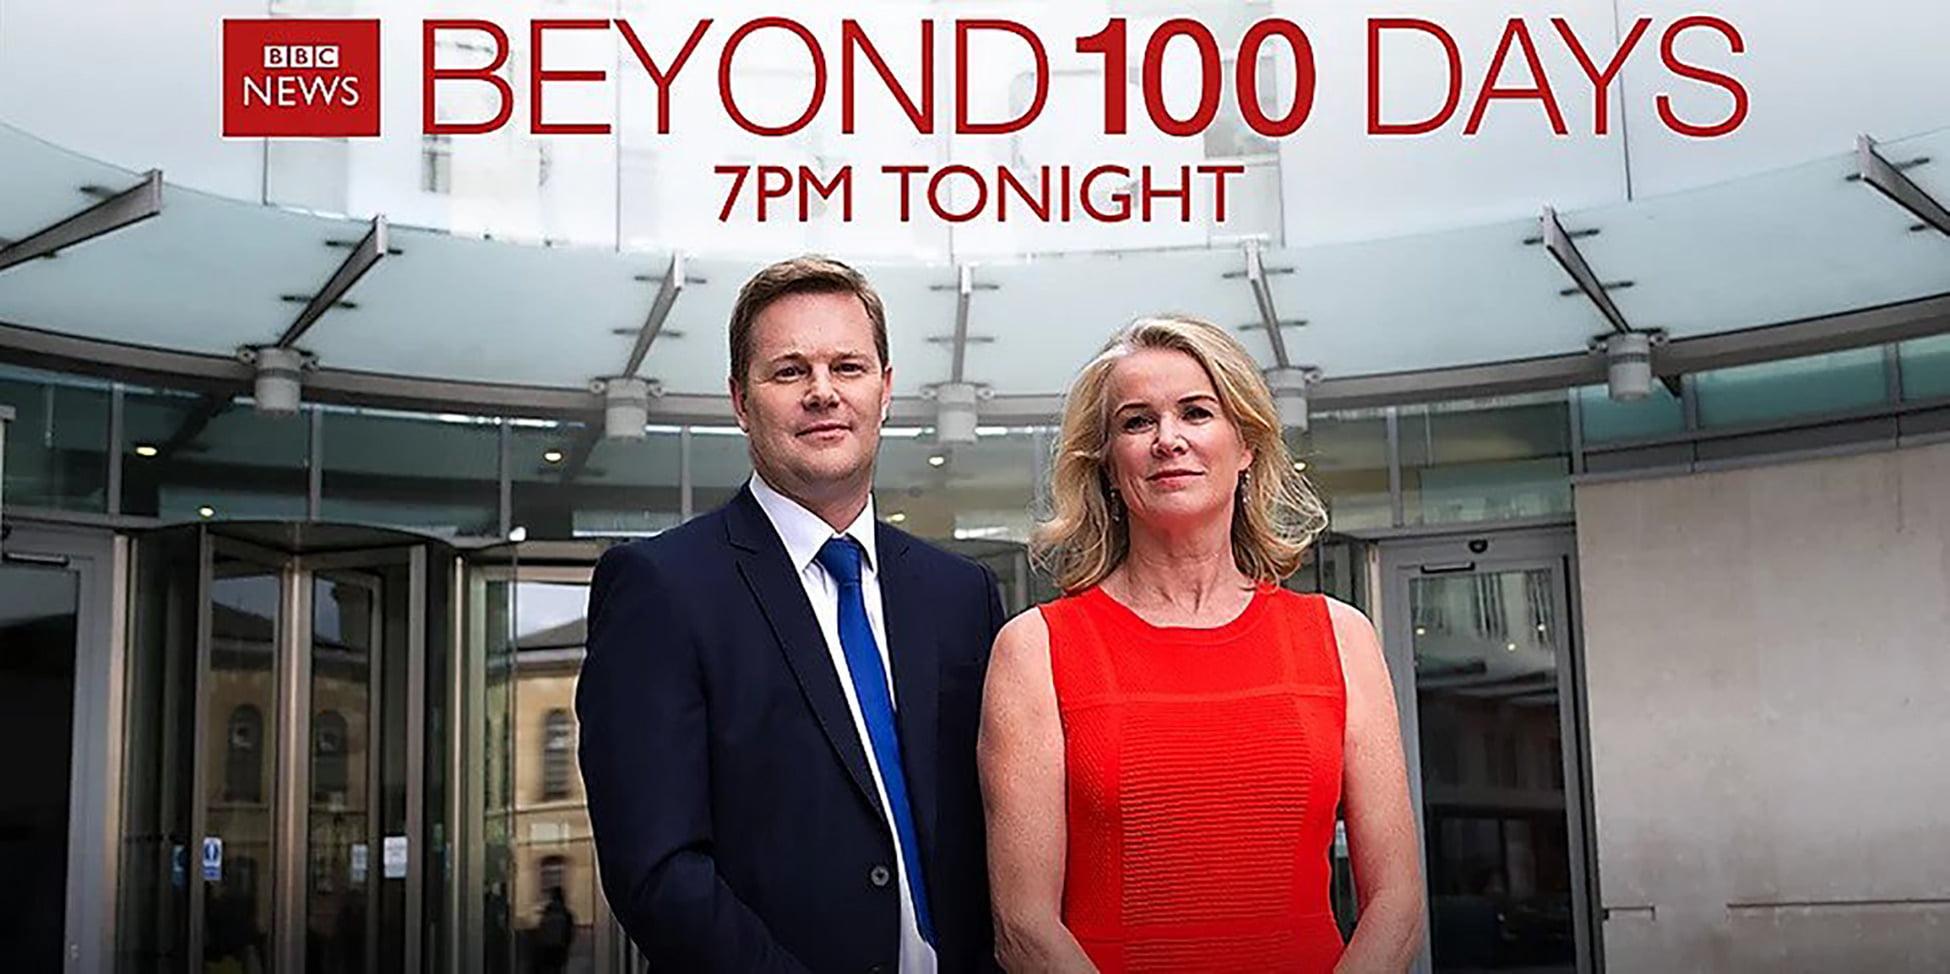 Christian Frasier BBC Beyond 100 Days